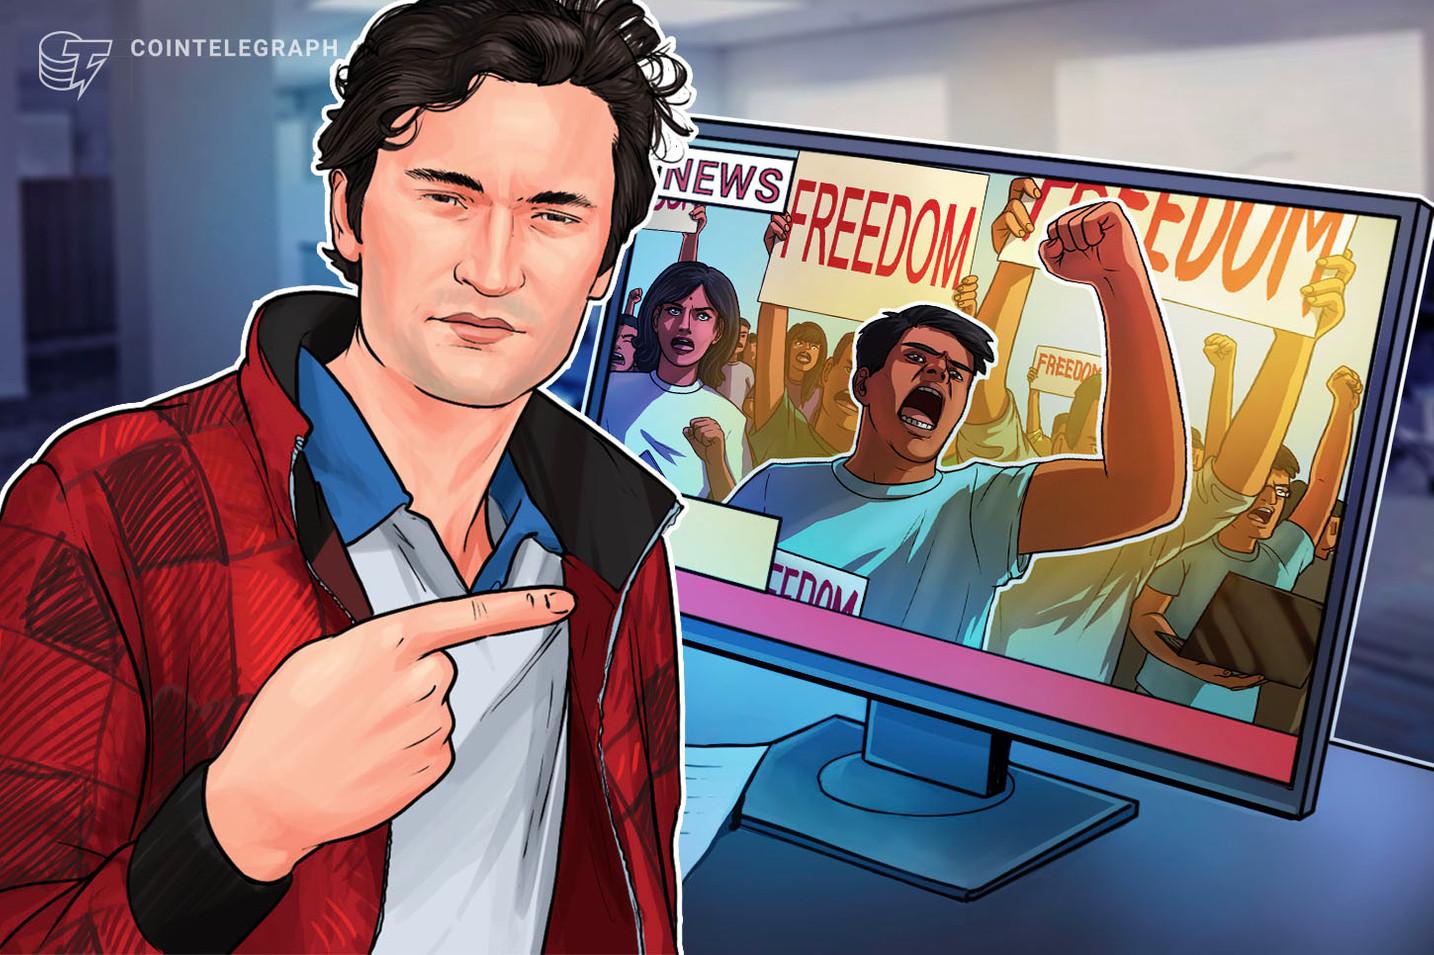 終身刑で服役中の闇サイト「シルクロード」運営者、釈放求める署名に27万5000人